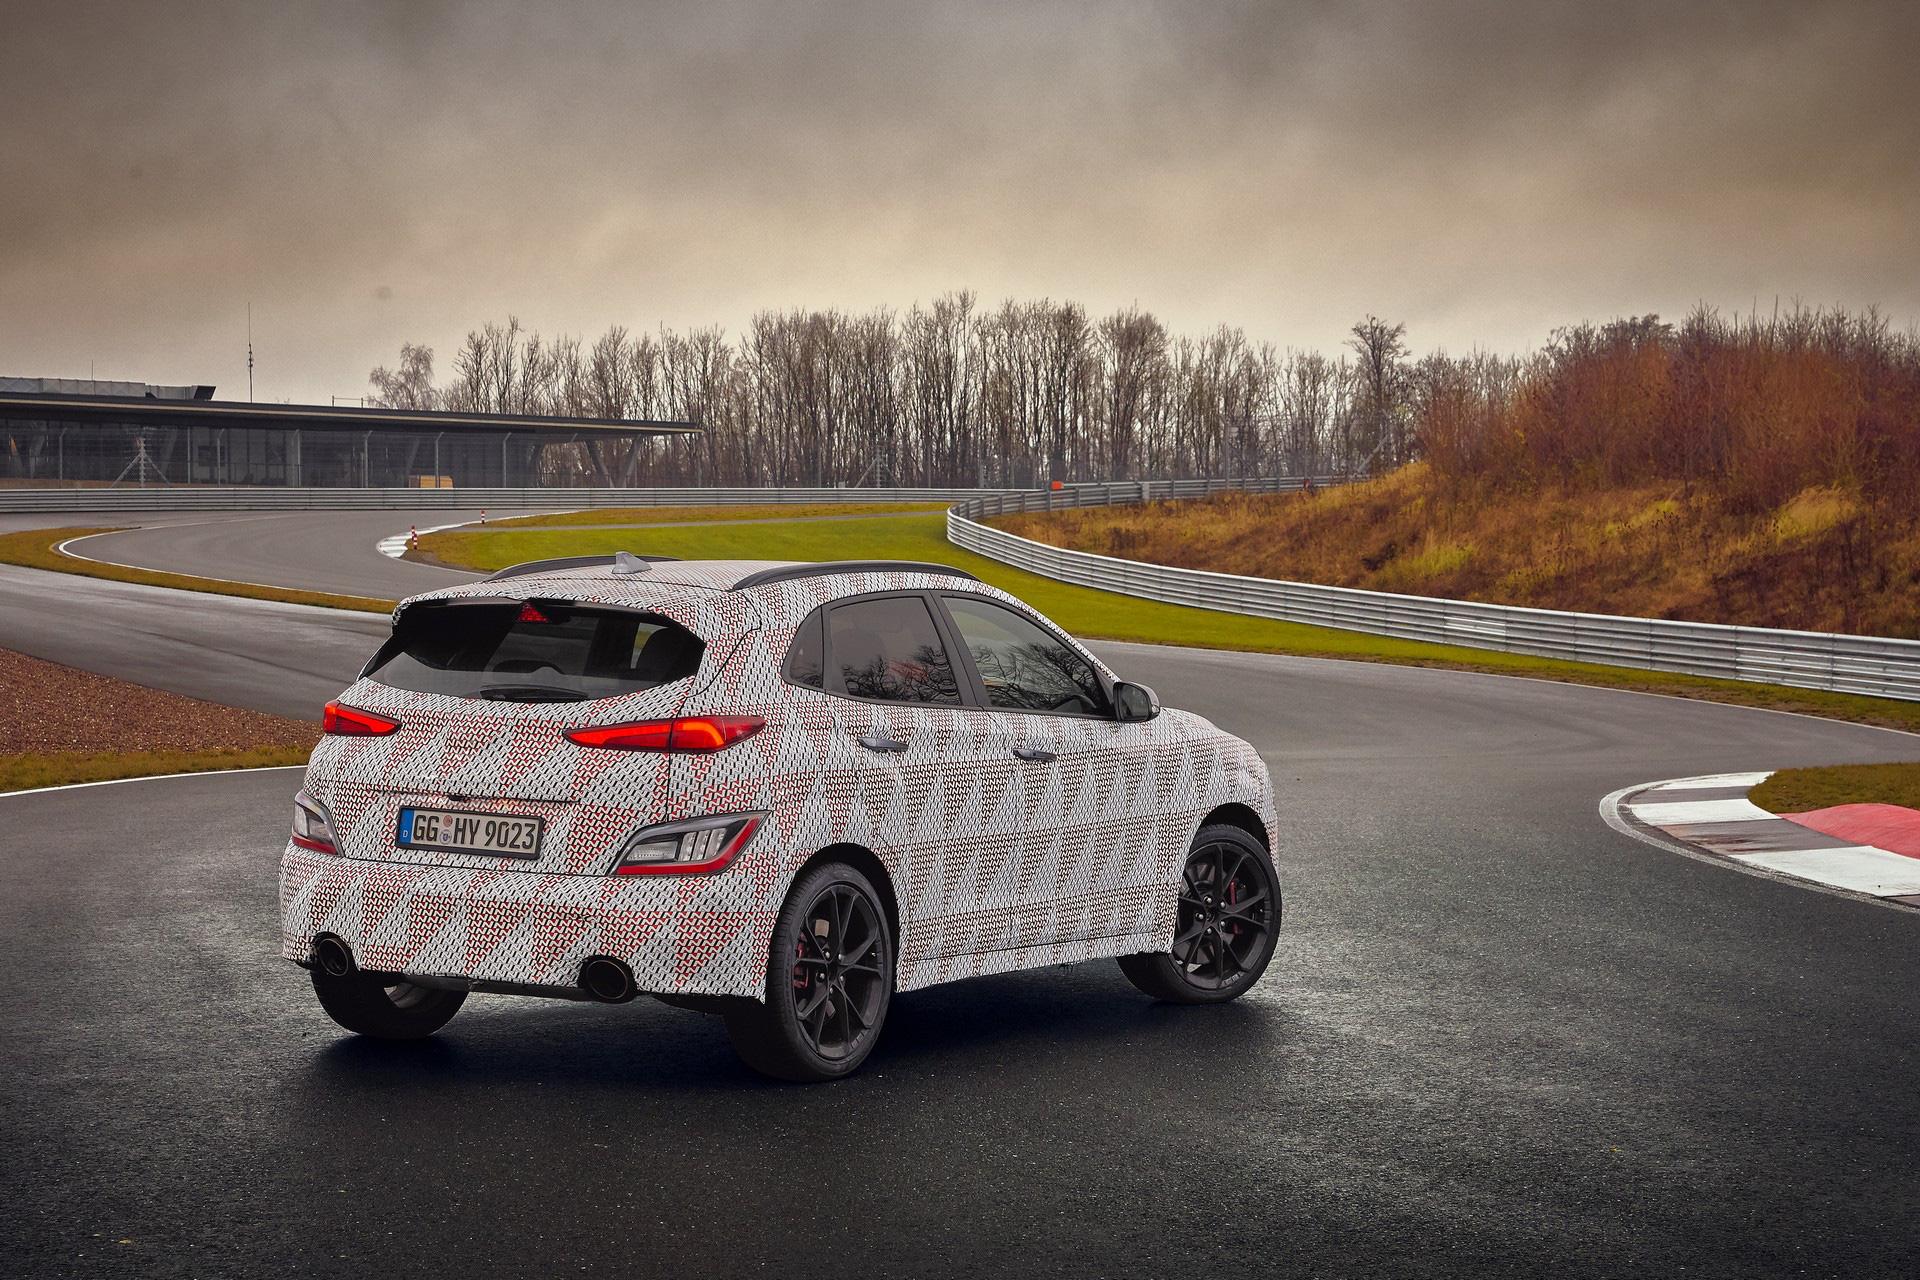 Hyundai lại nhá hàng Kona N, xác nhận động cơ và hộp số sử dụng-1